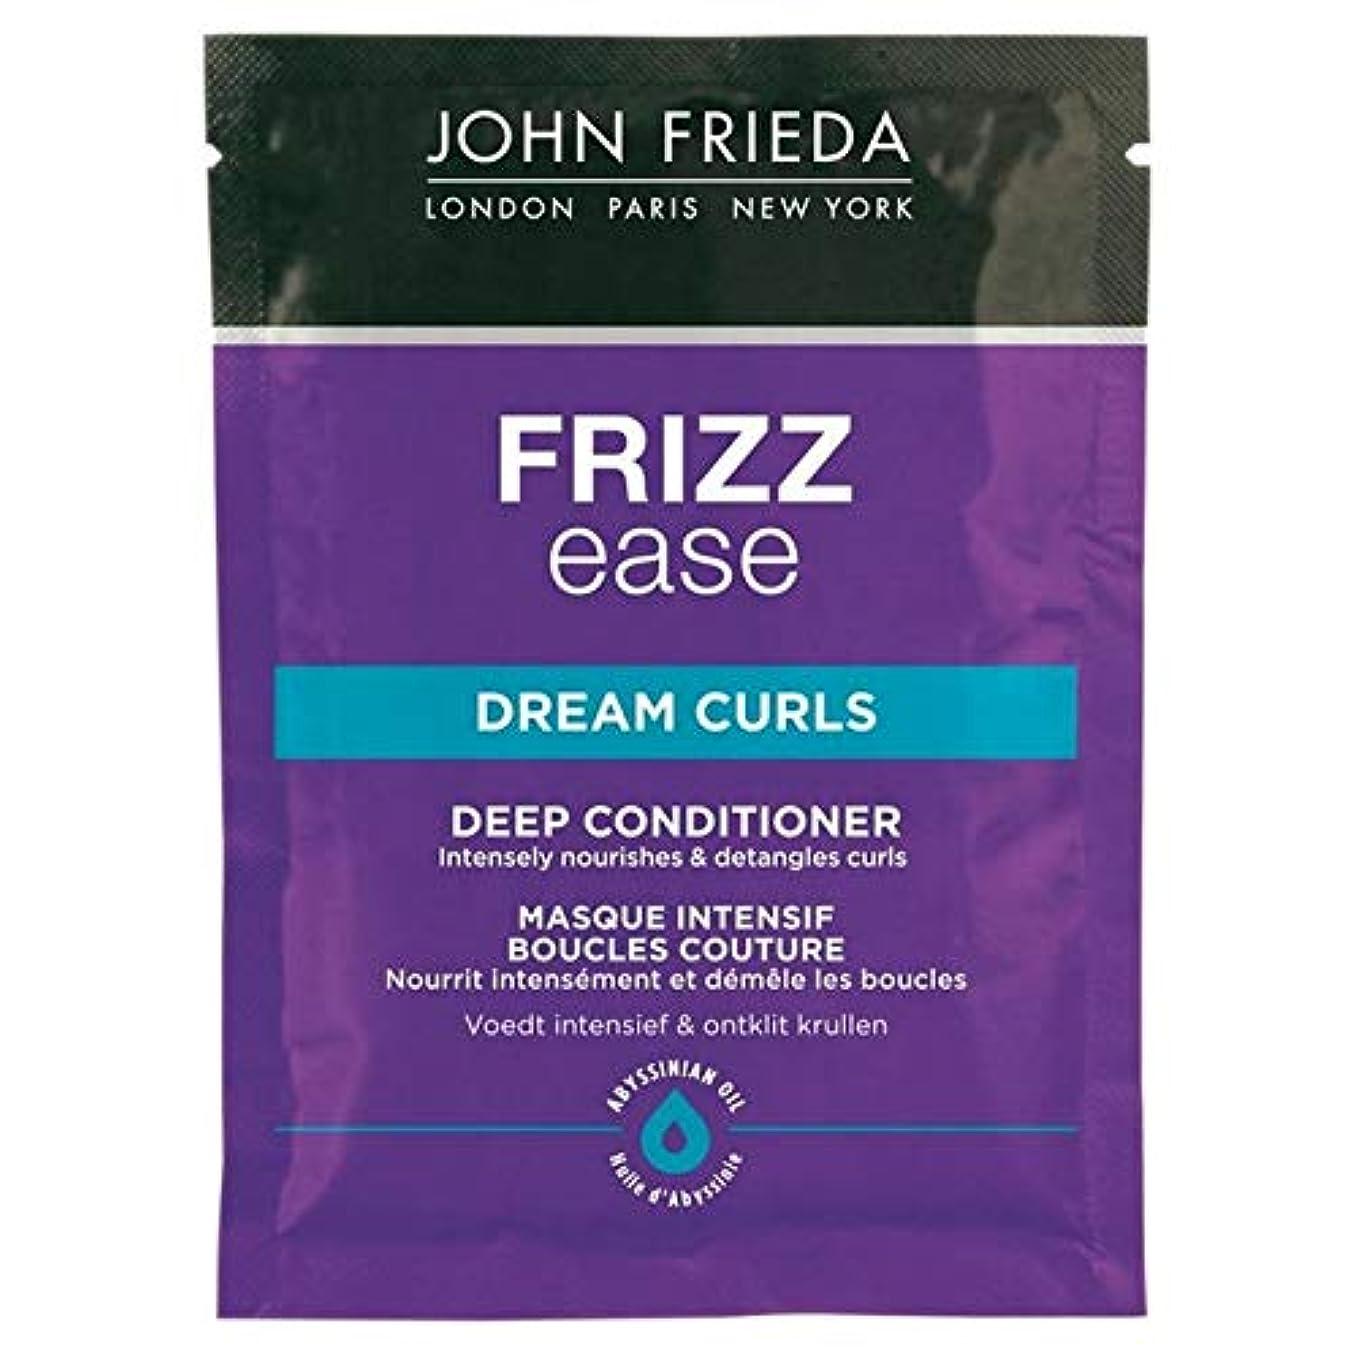 マイル職業モトリー[John Frieda ] ジョン?フリーダ縮れ容易夢のカールコンディショナー25ミリリットル - John Frieda Frizz Ease Dream Curls Conditioner 25ml [並行輸入品]